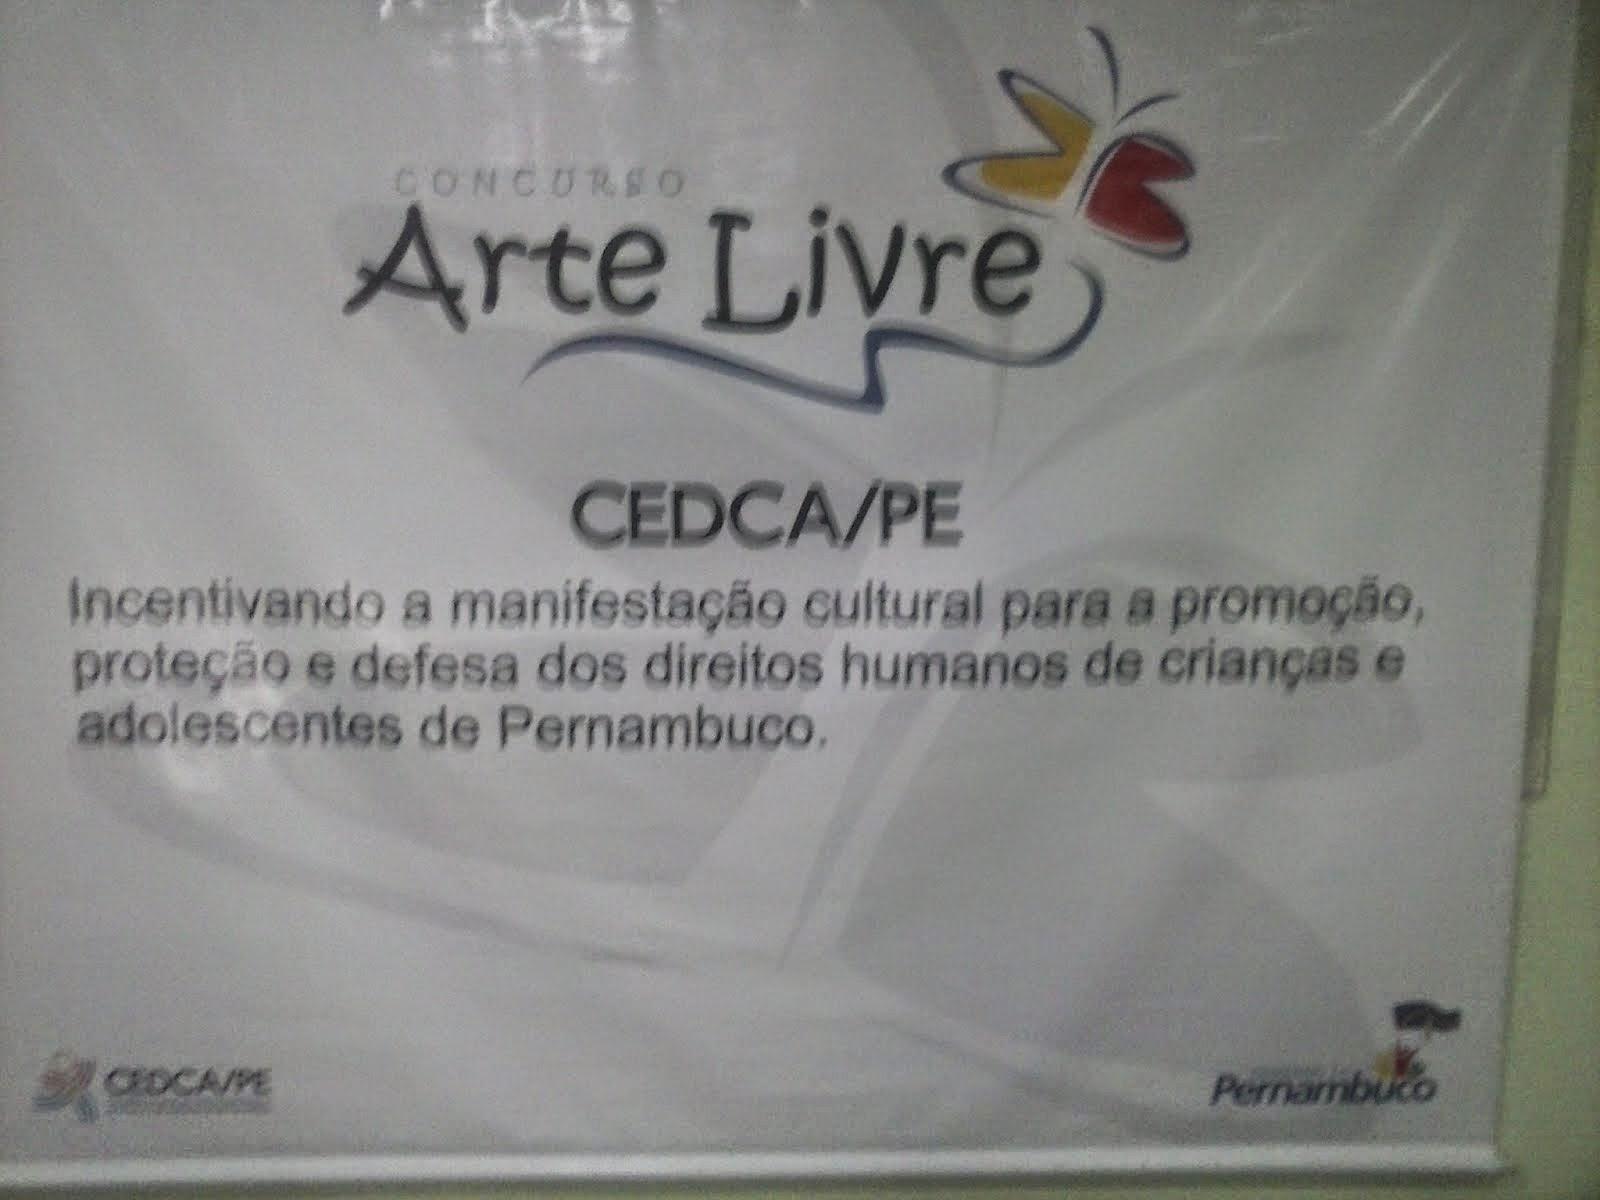 Concurso Arte Livre